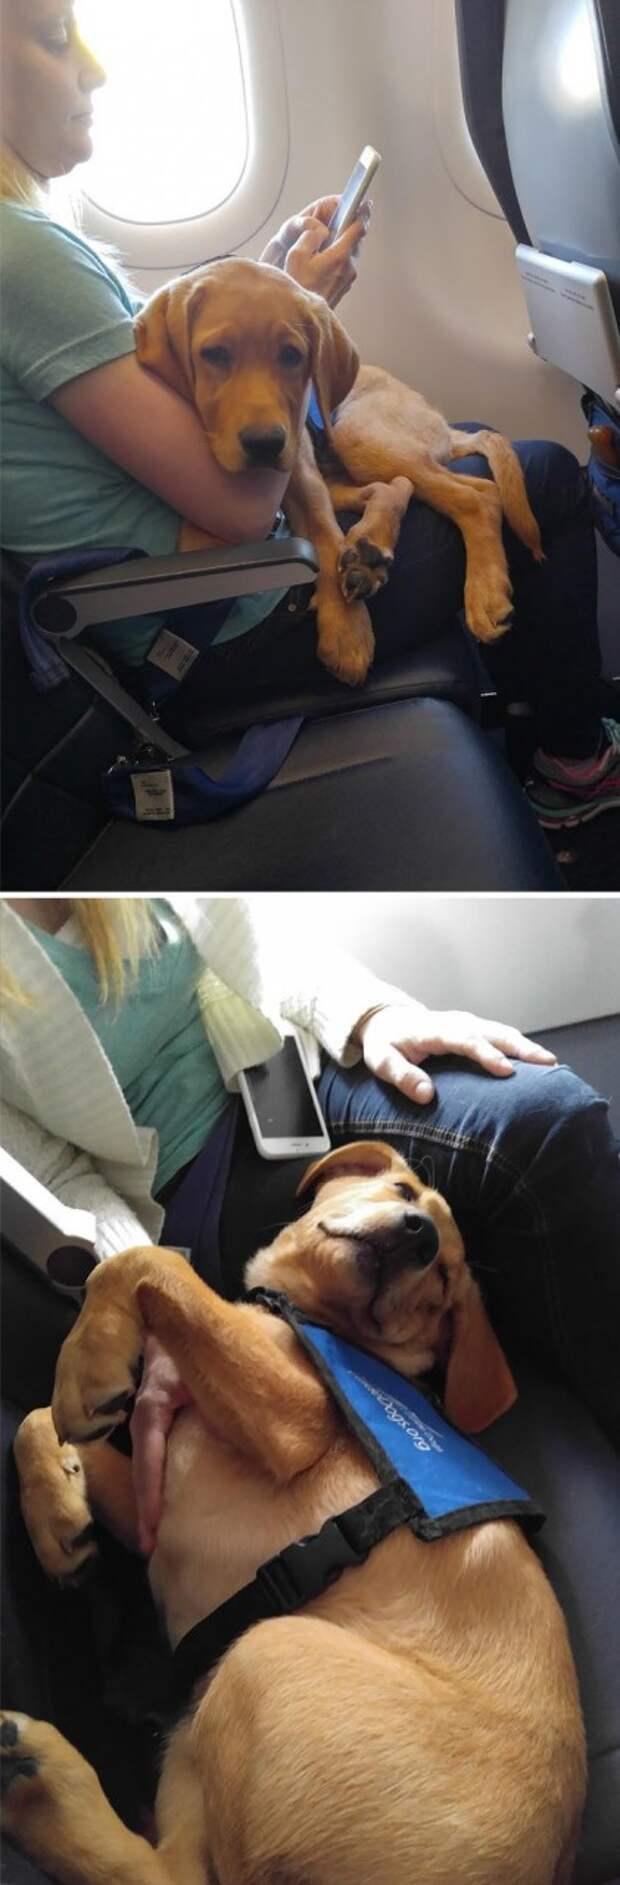 Самый спокойный пассажир животные, забавно, летайте самолетами, мило, пассажиры, самолет, собаки, хвостатые пассажиры